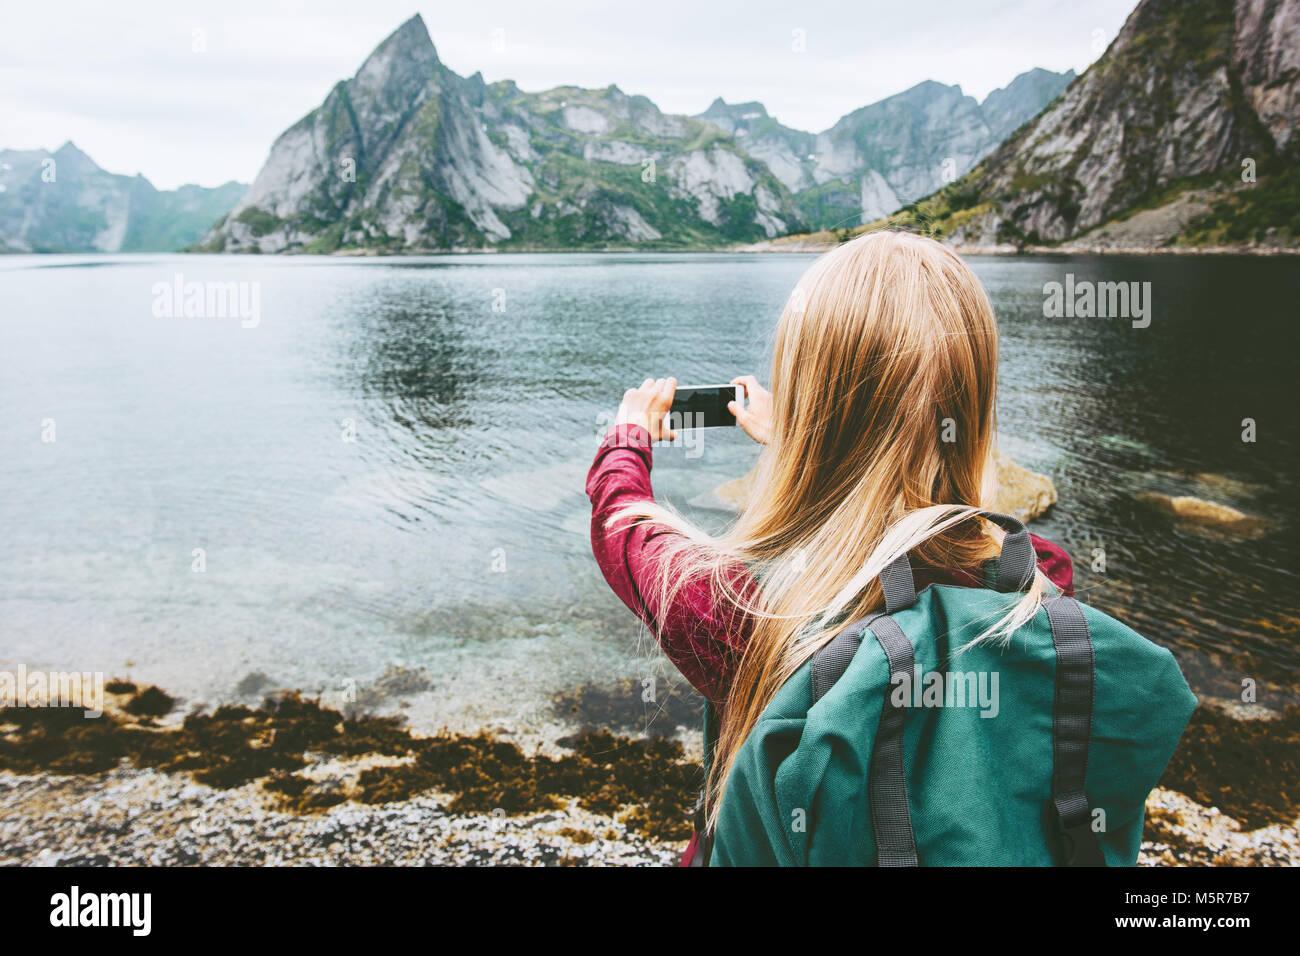 Touriste prenant en selfies visites smartphone îles Lofoten Travel concept wanderlust de vie en plein air d'aventure les vacances d'été à Norwa Banque D'Images